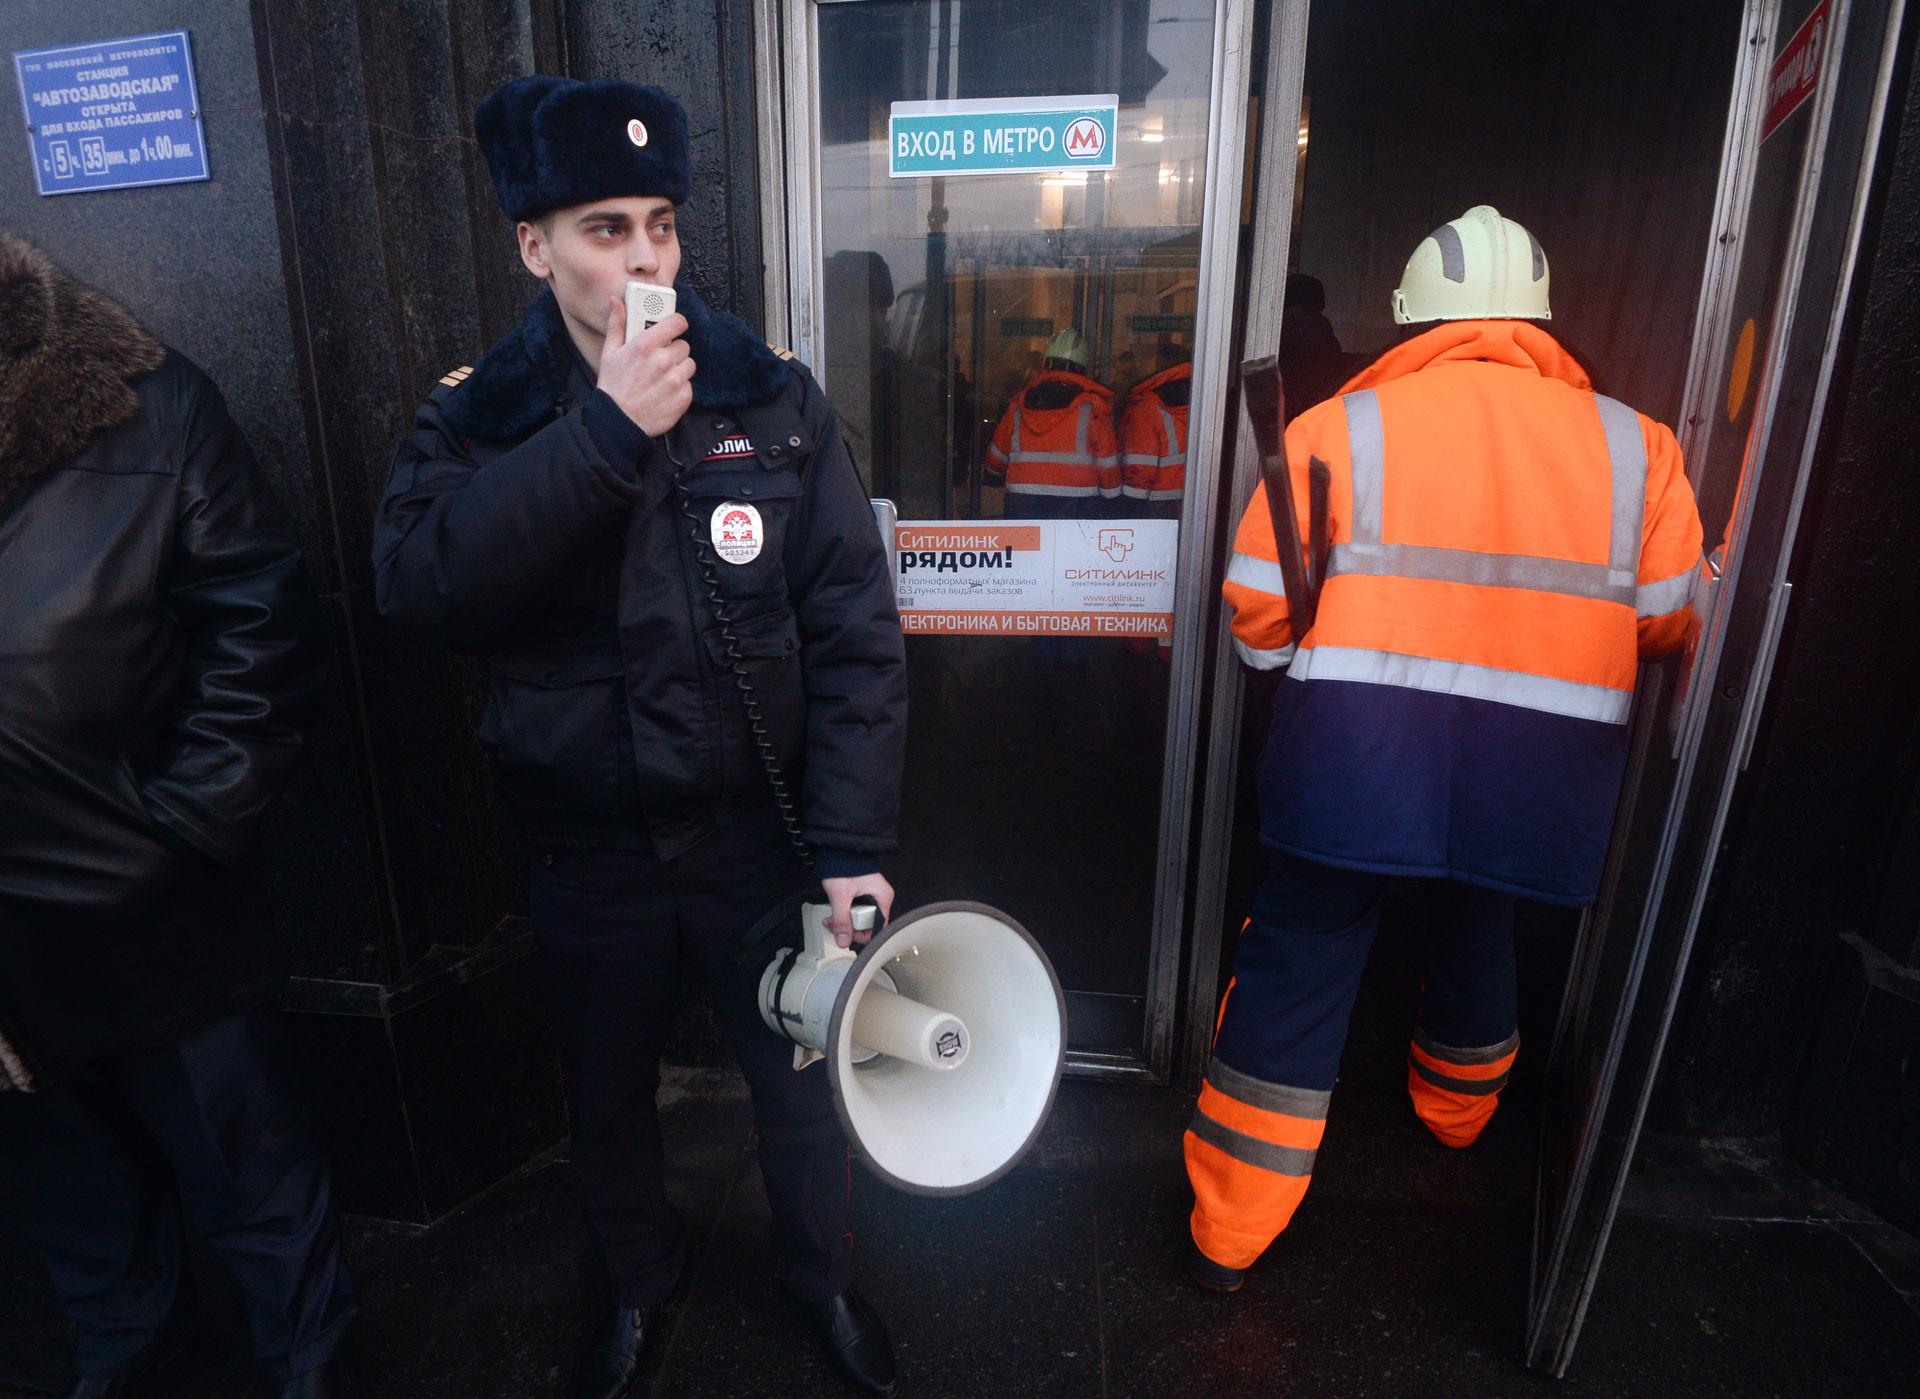 """Фото: © РИА """"Новости"""" / Илья Питалев"""